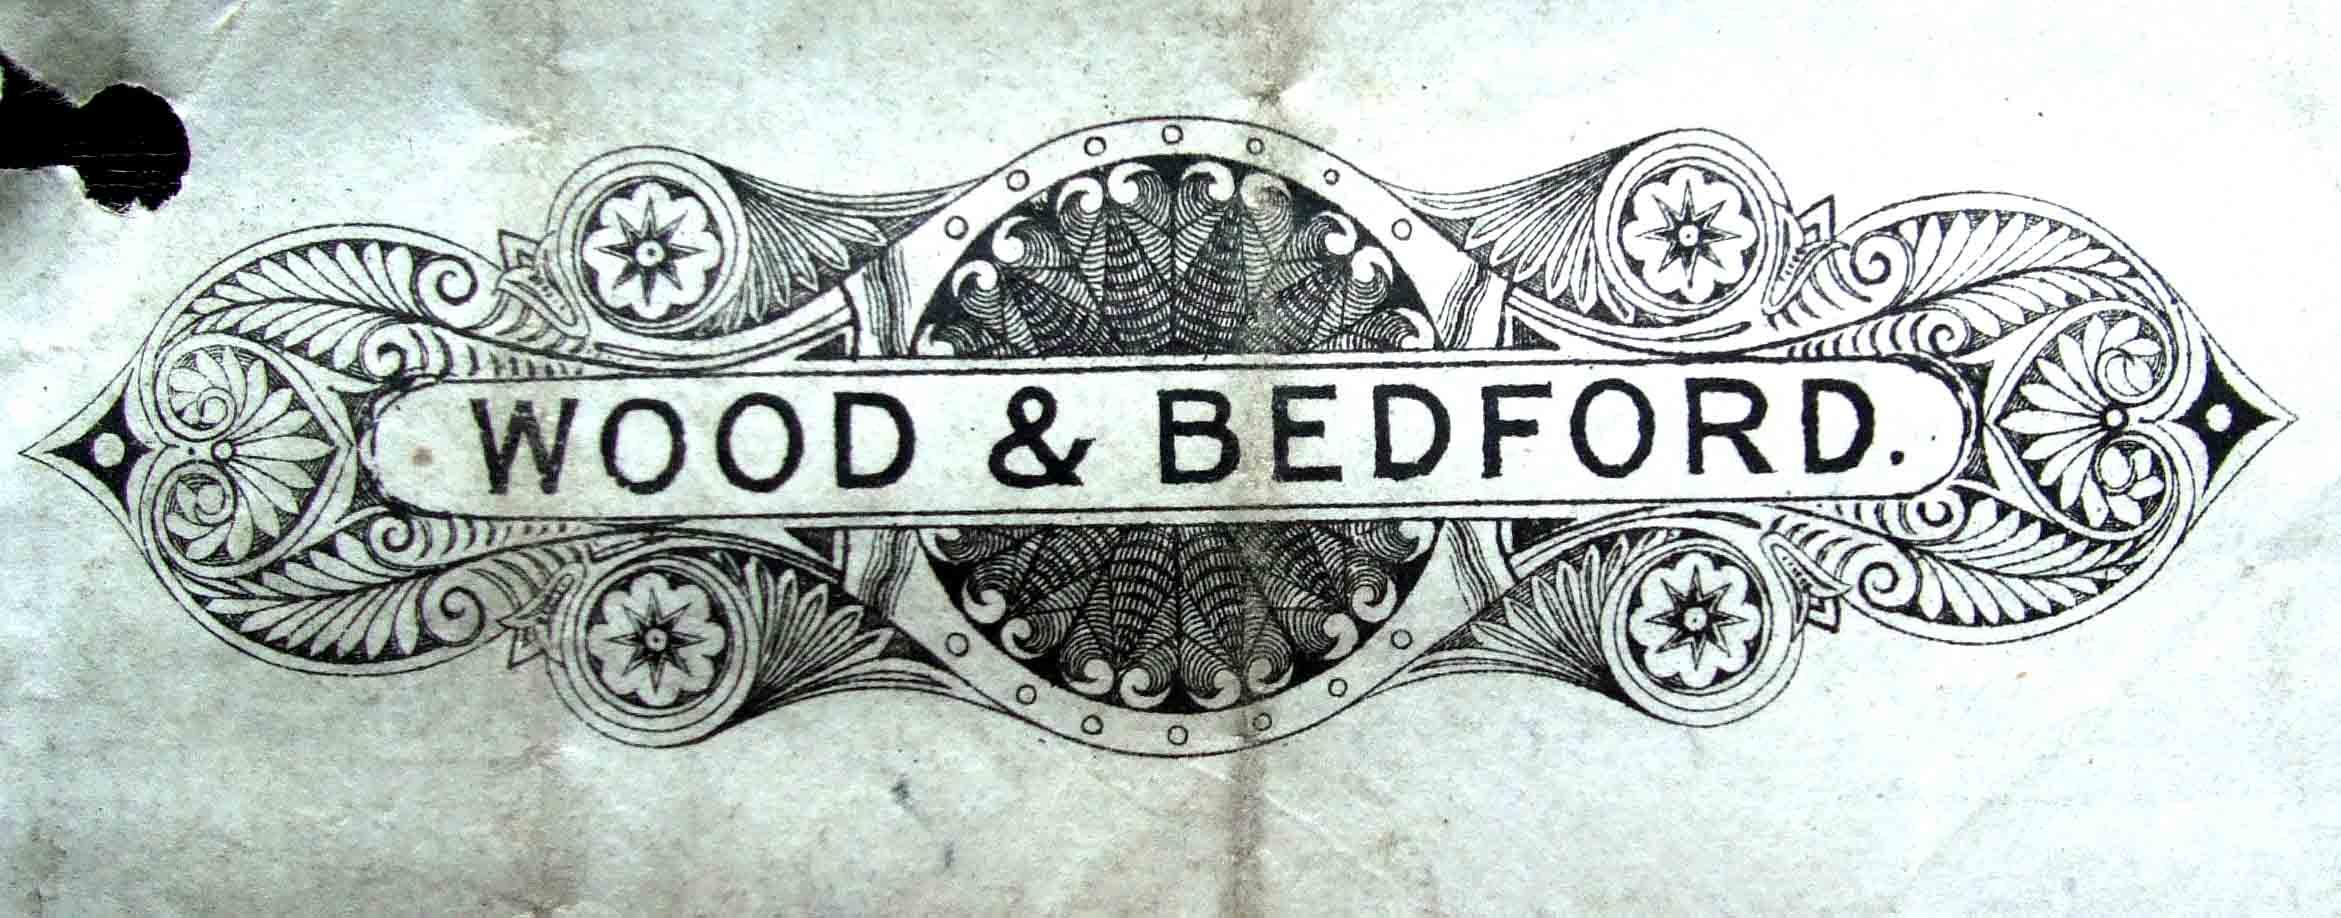 woodbedford